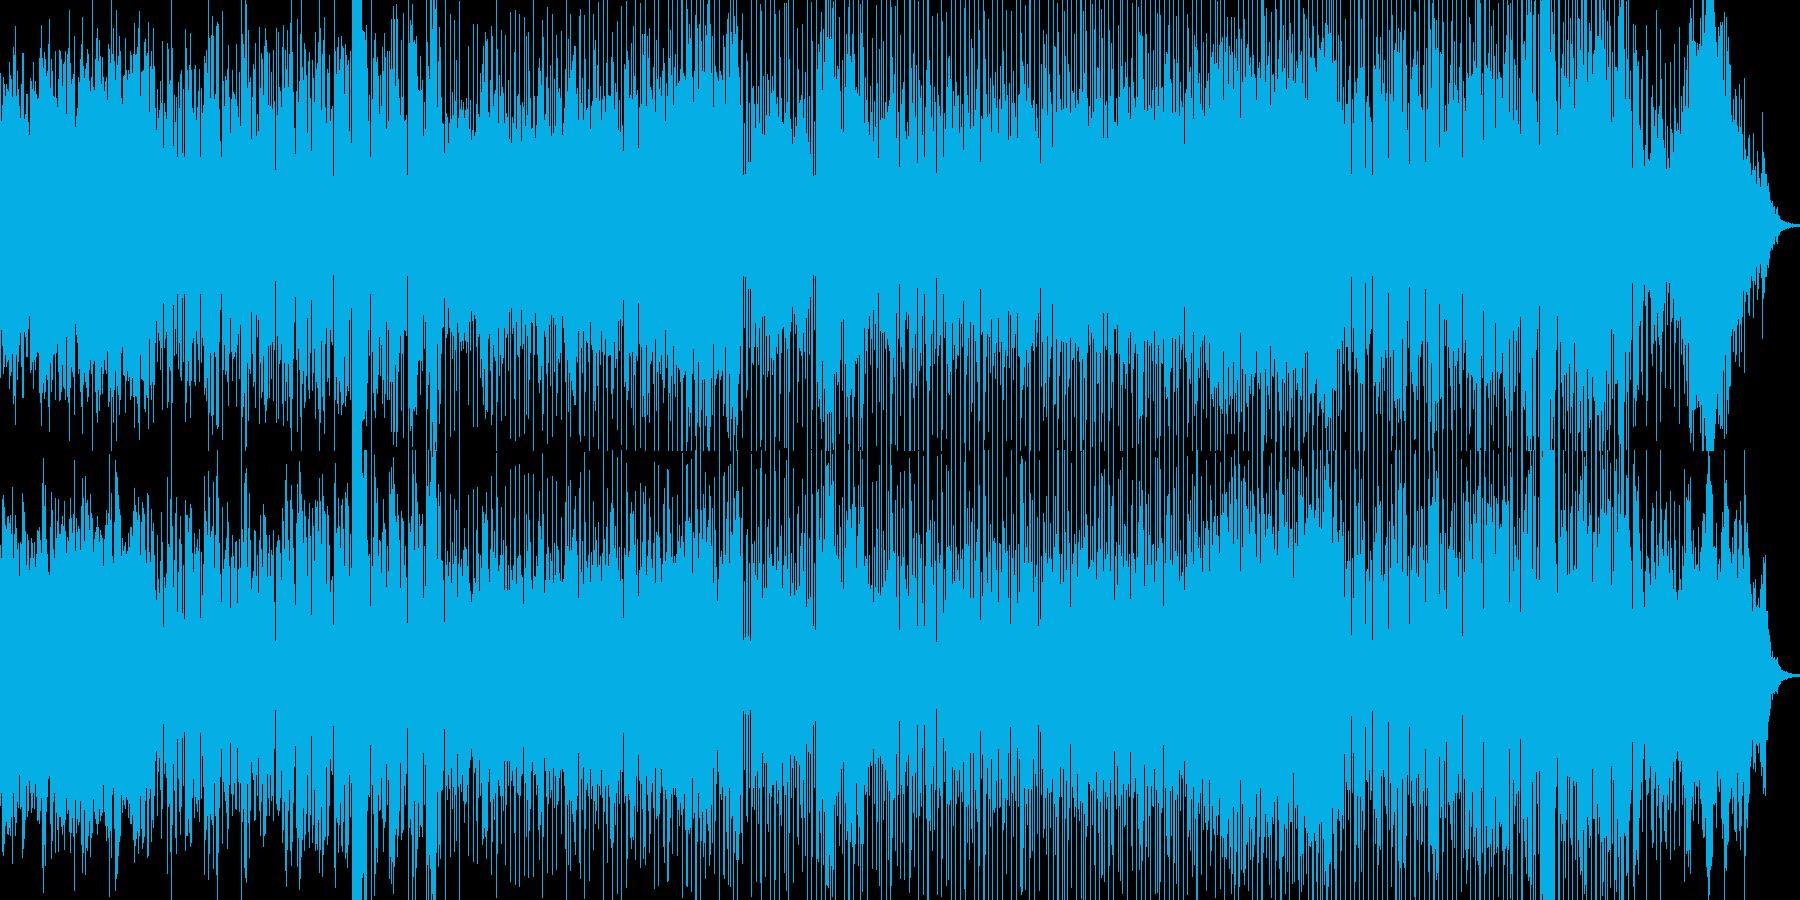 ほんわか、ちょっとジャジーなポップの再生済みの波形